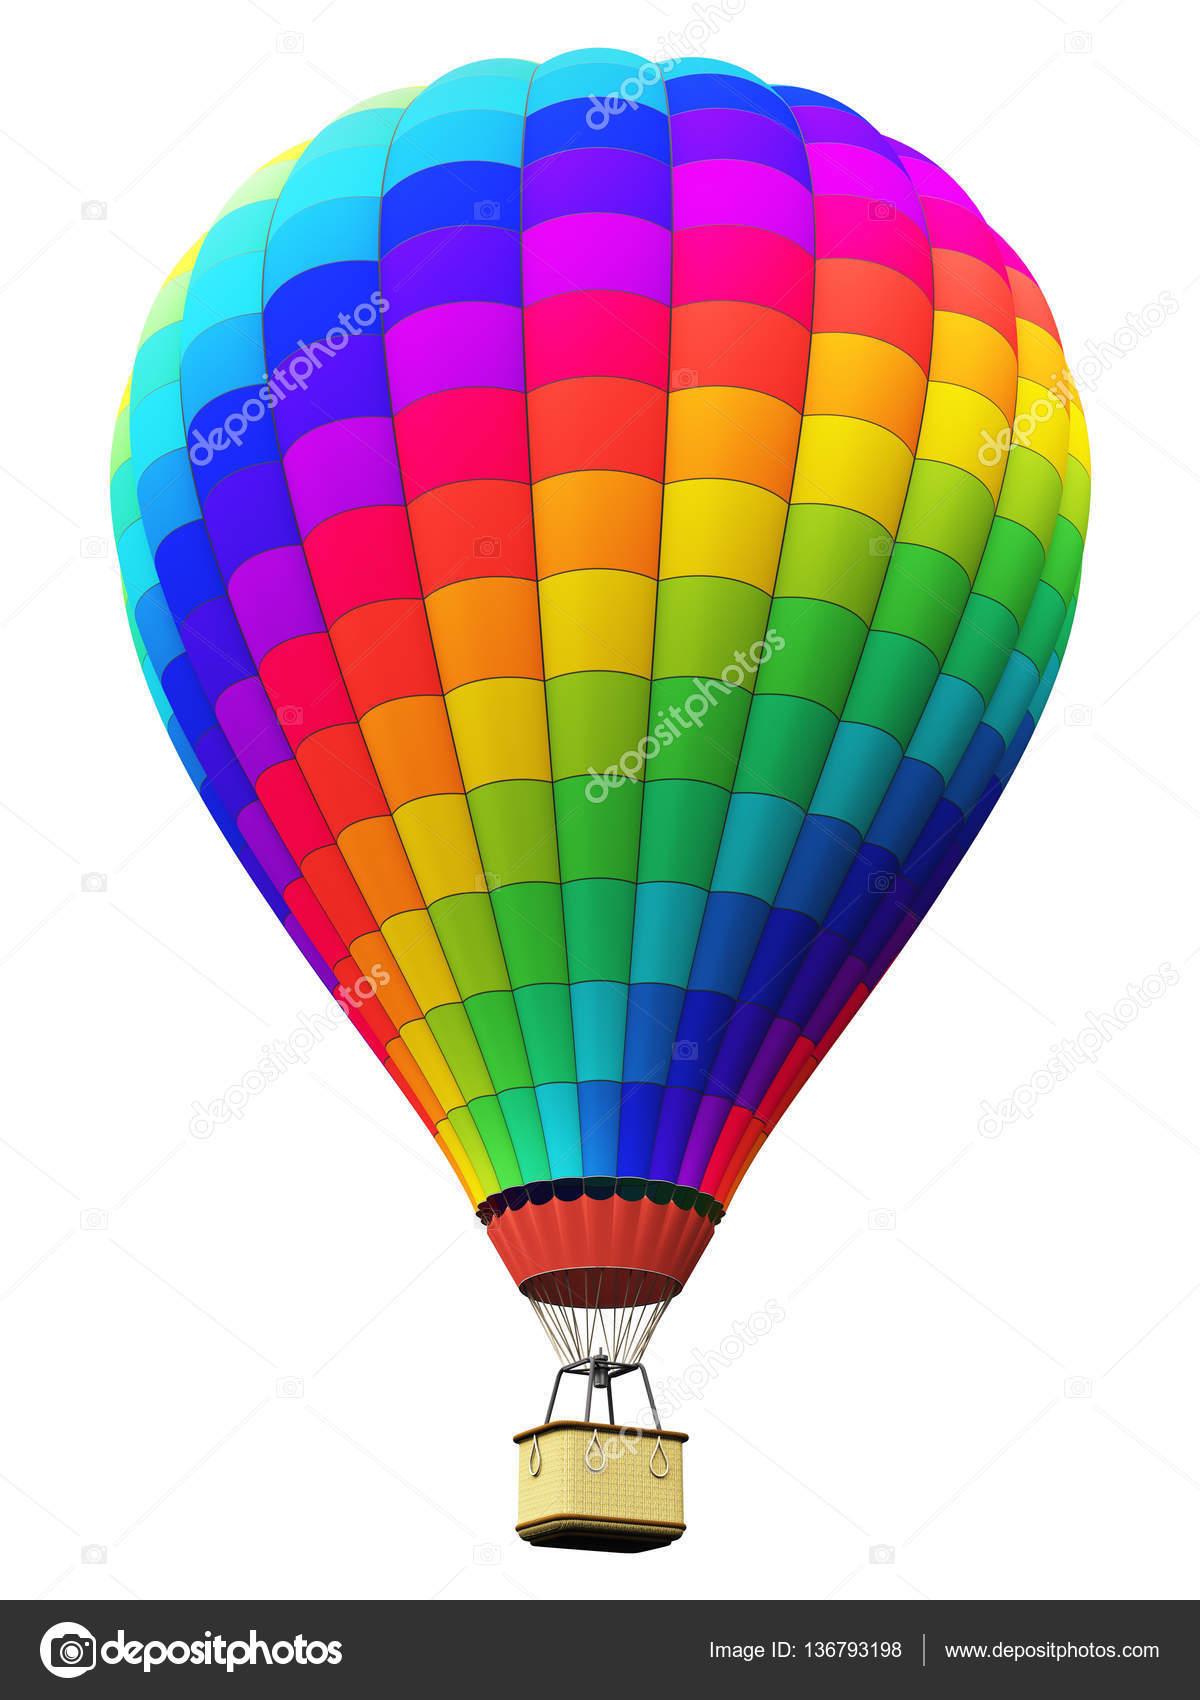 Adesivos De Caminhao Qualificados ~ Bal u00e3o de ar quente de arcoíris cor isolado no fundo branco u2014 Fotografias de Stock u00a9 scanrail